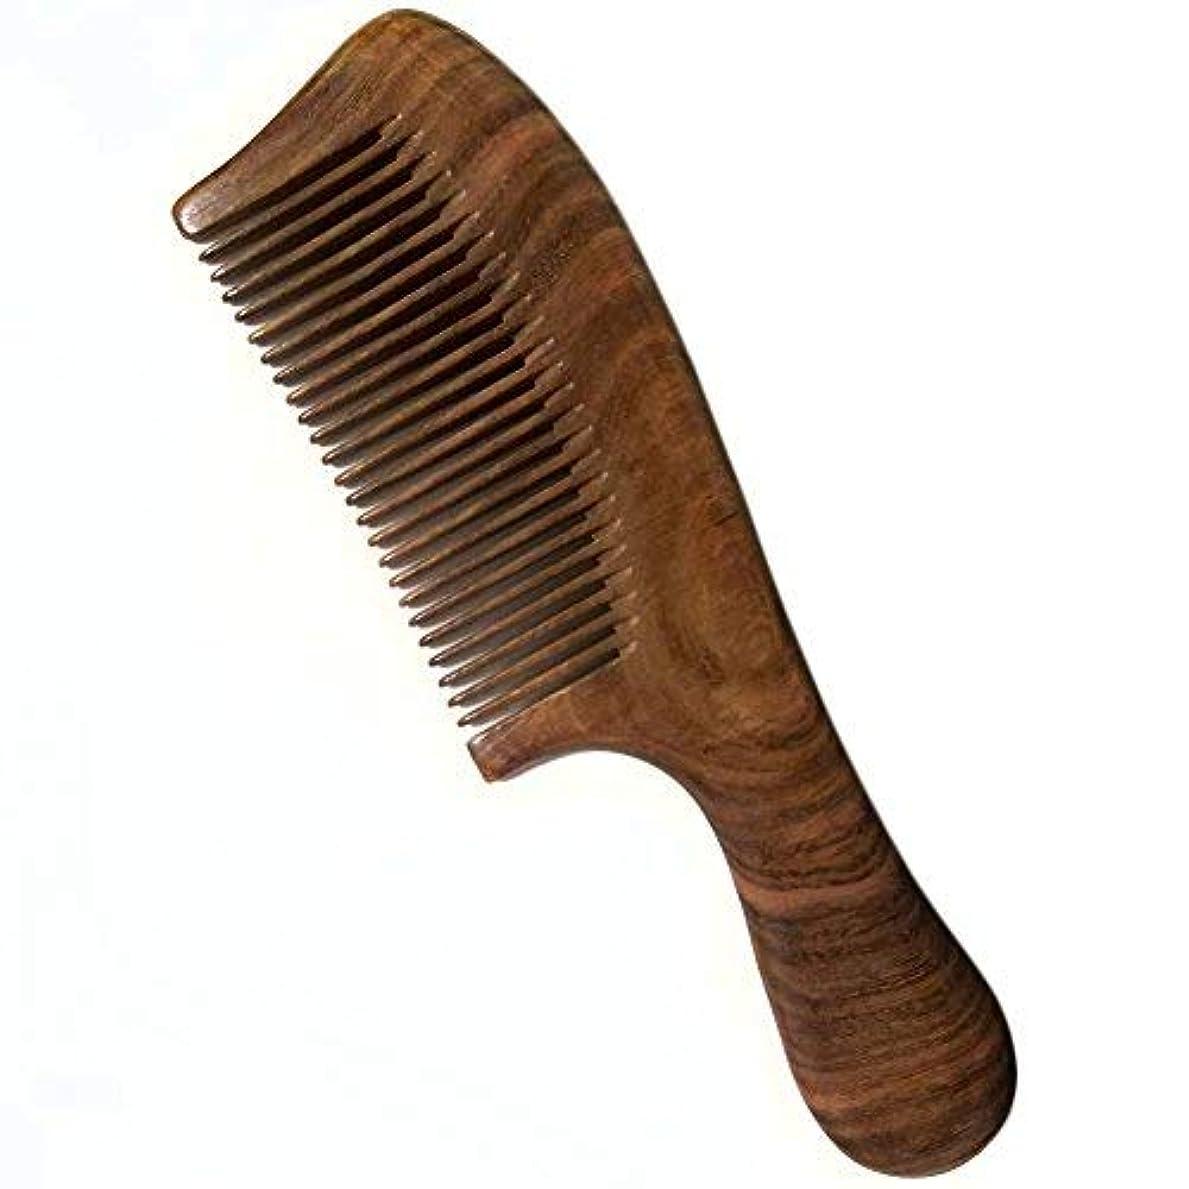 経済脚本家ばかげたWood Hair Comb/Large Wooden Comb/No Static Hair Comb/Real Wood Comb-Made of A Whole Piece of Green Sandalwood...